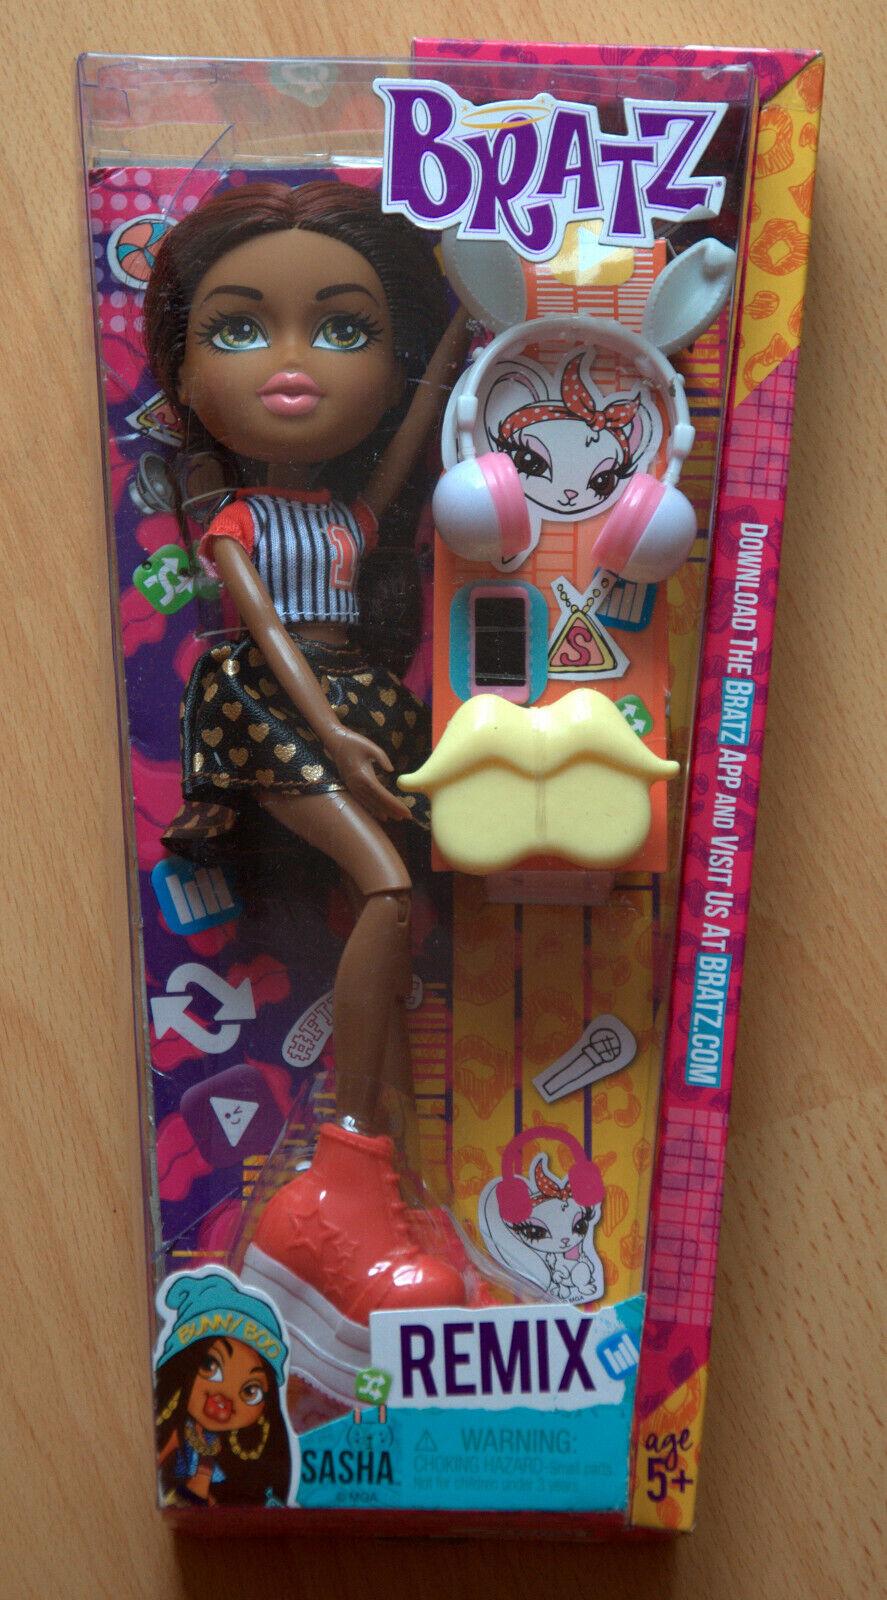 BRATZ Puppe Remix Sasha Puppe mit Zubehör Neu OVP